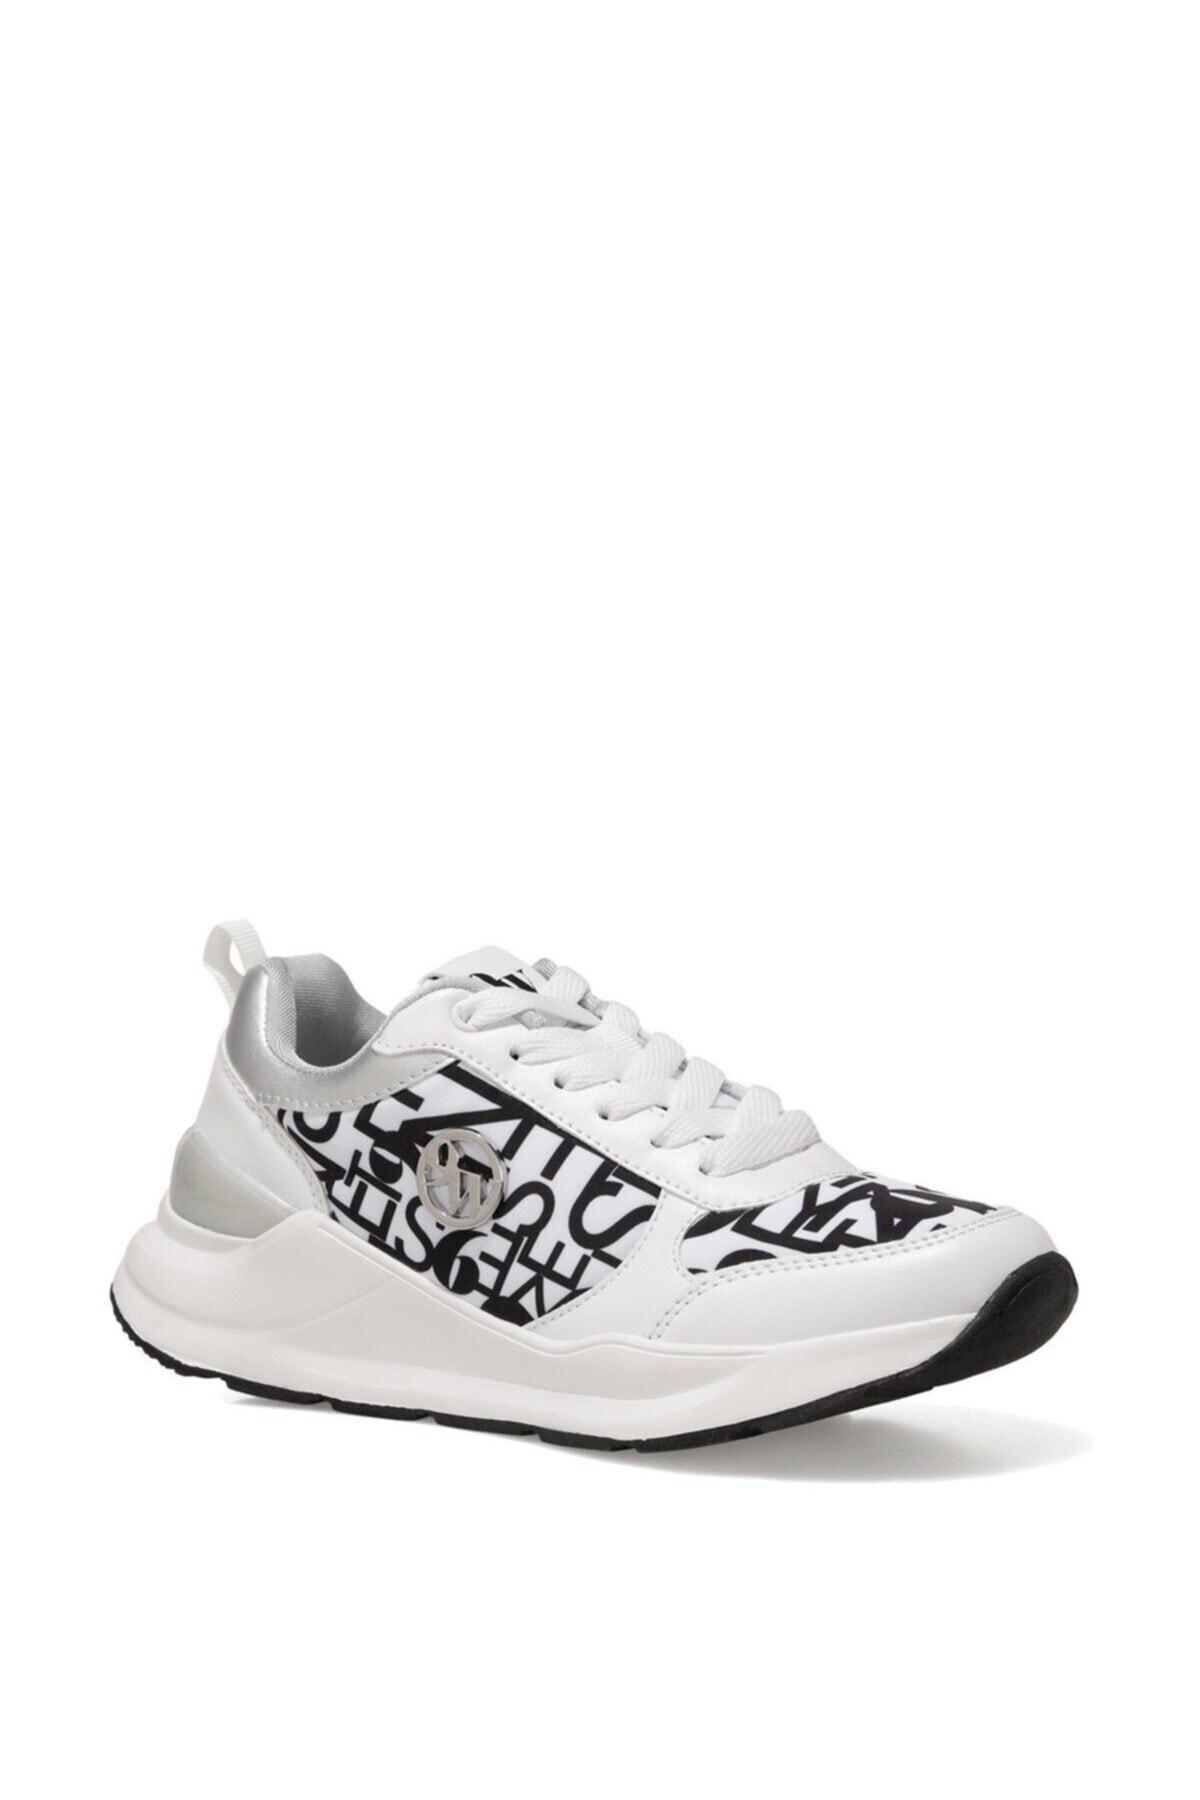 Nine West QUERLY 1FX Beyaz Kadın Sneaker Ayakkabı 101008838 2